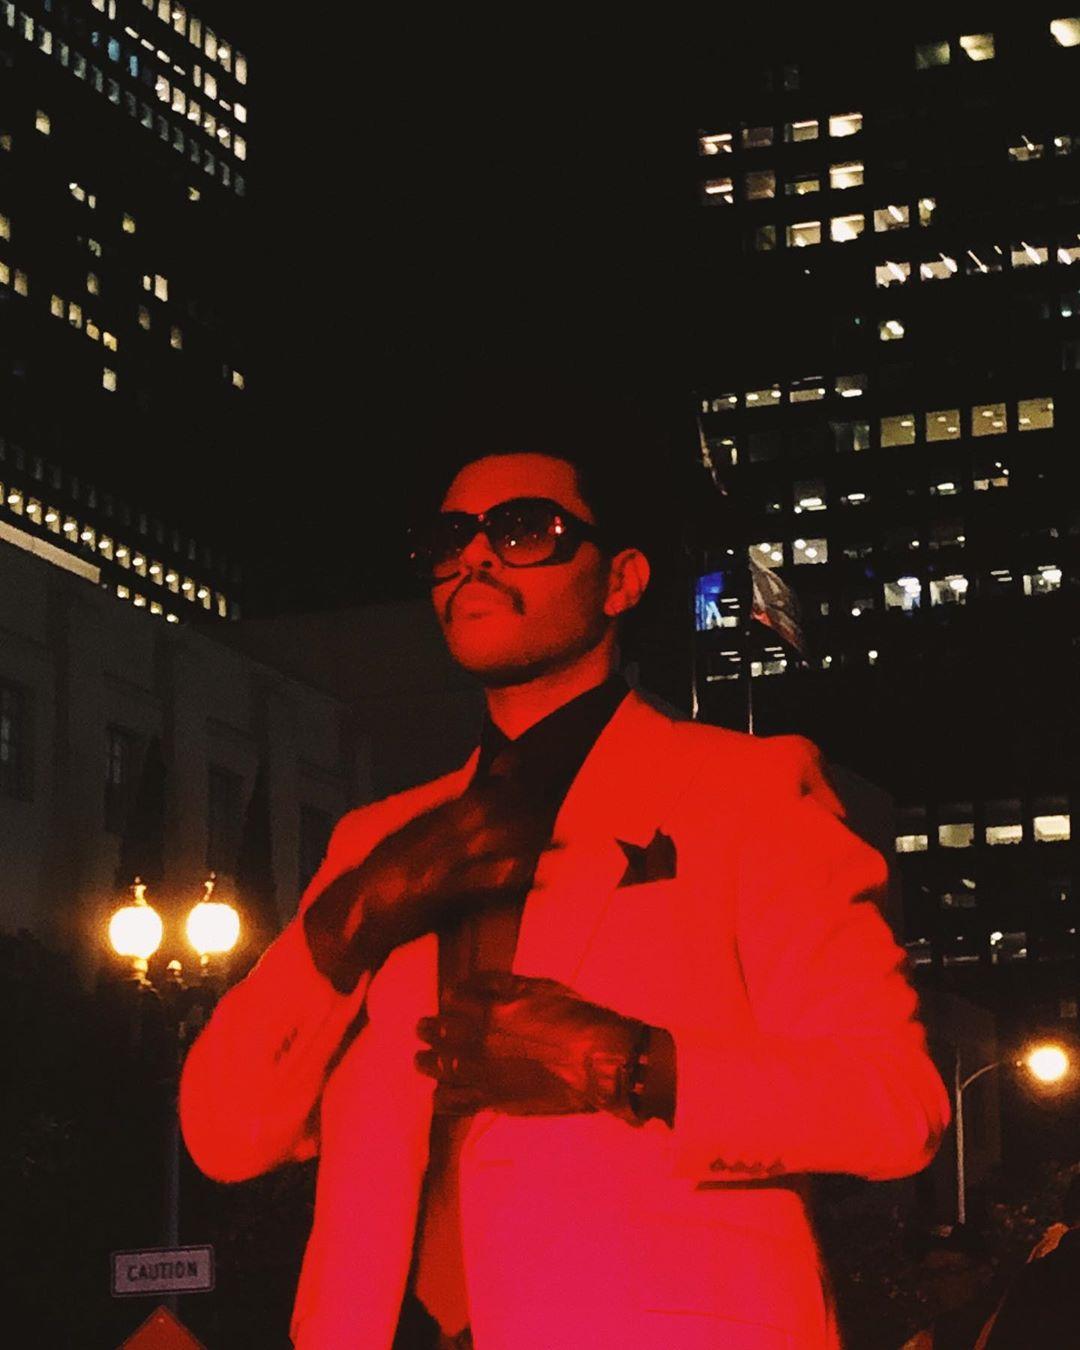 7 lanzamientos recientes que debes escuchar: The Weeknd + Rico Nasty + Mitski y más